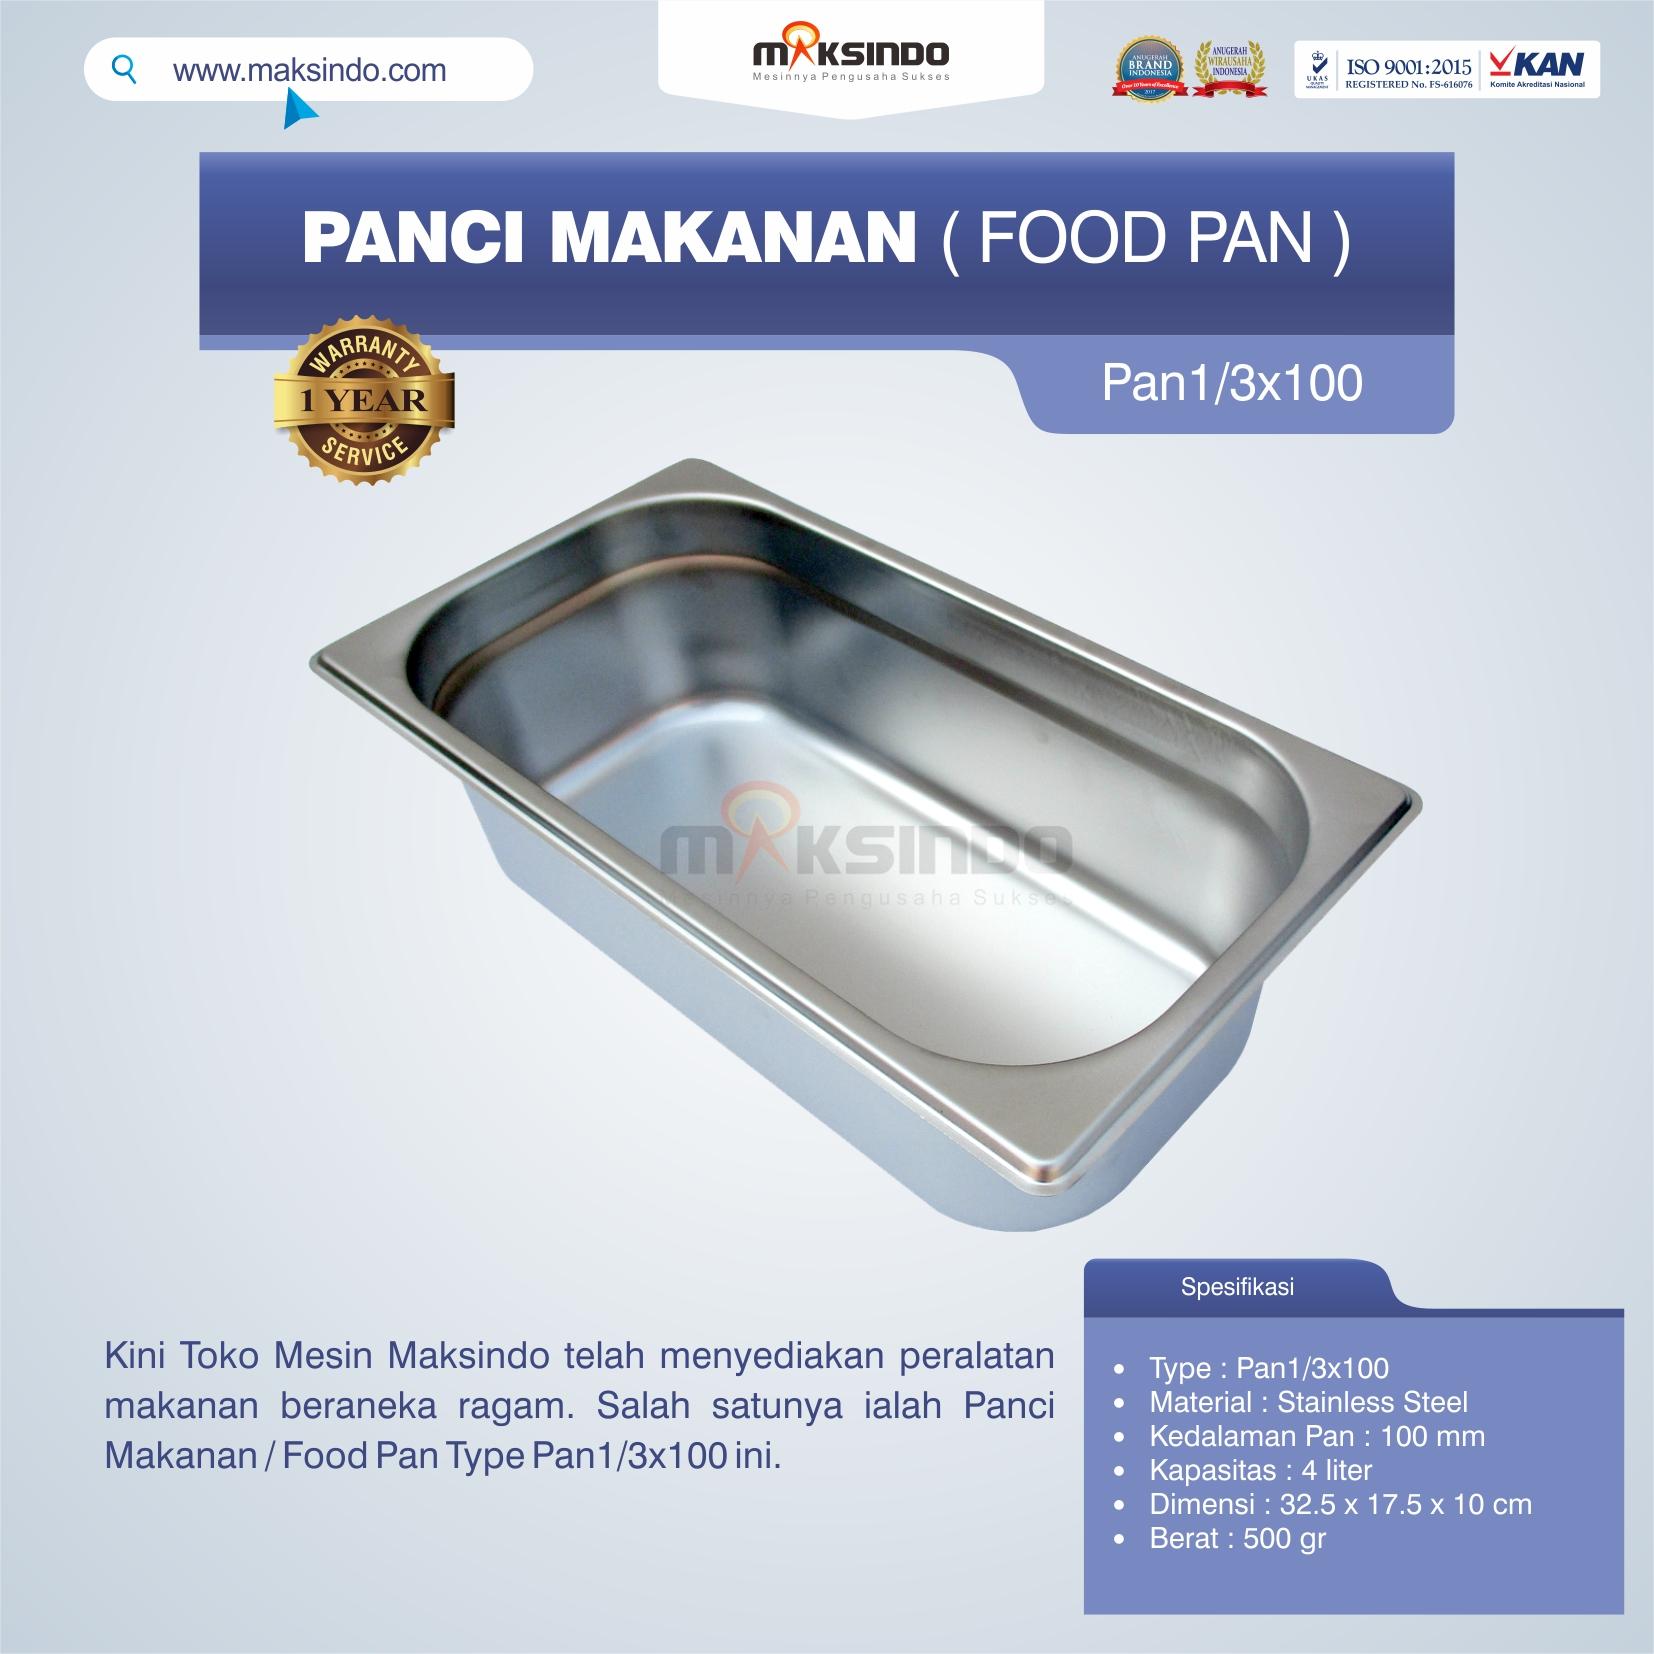 Jual Panci Makanan / Food Pan Type Pan1/3×100 di Semarang